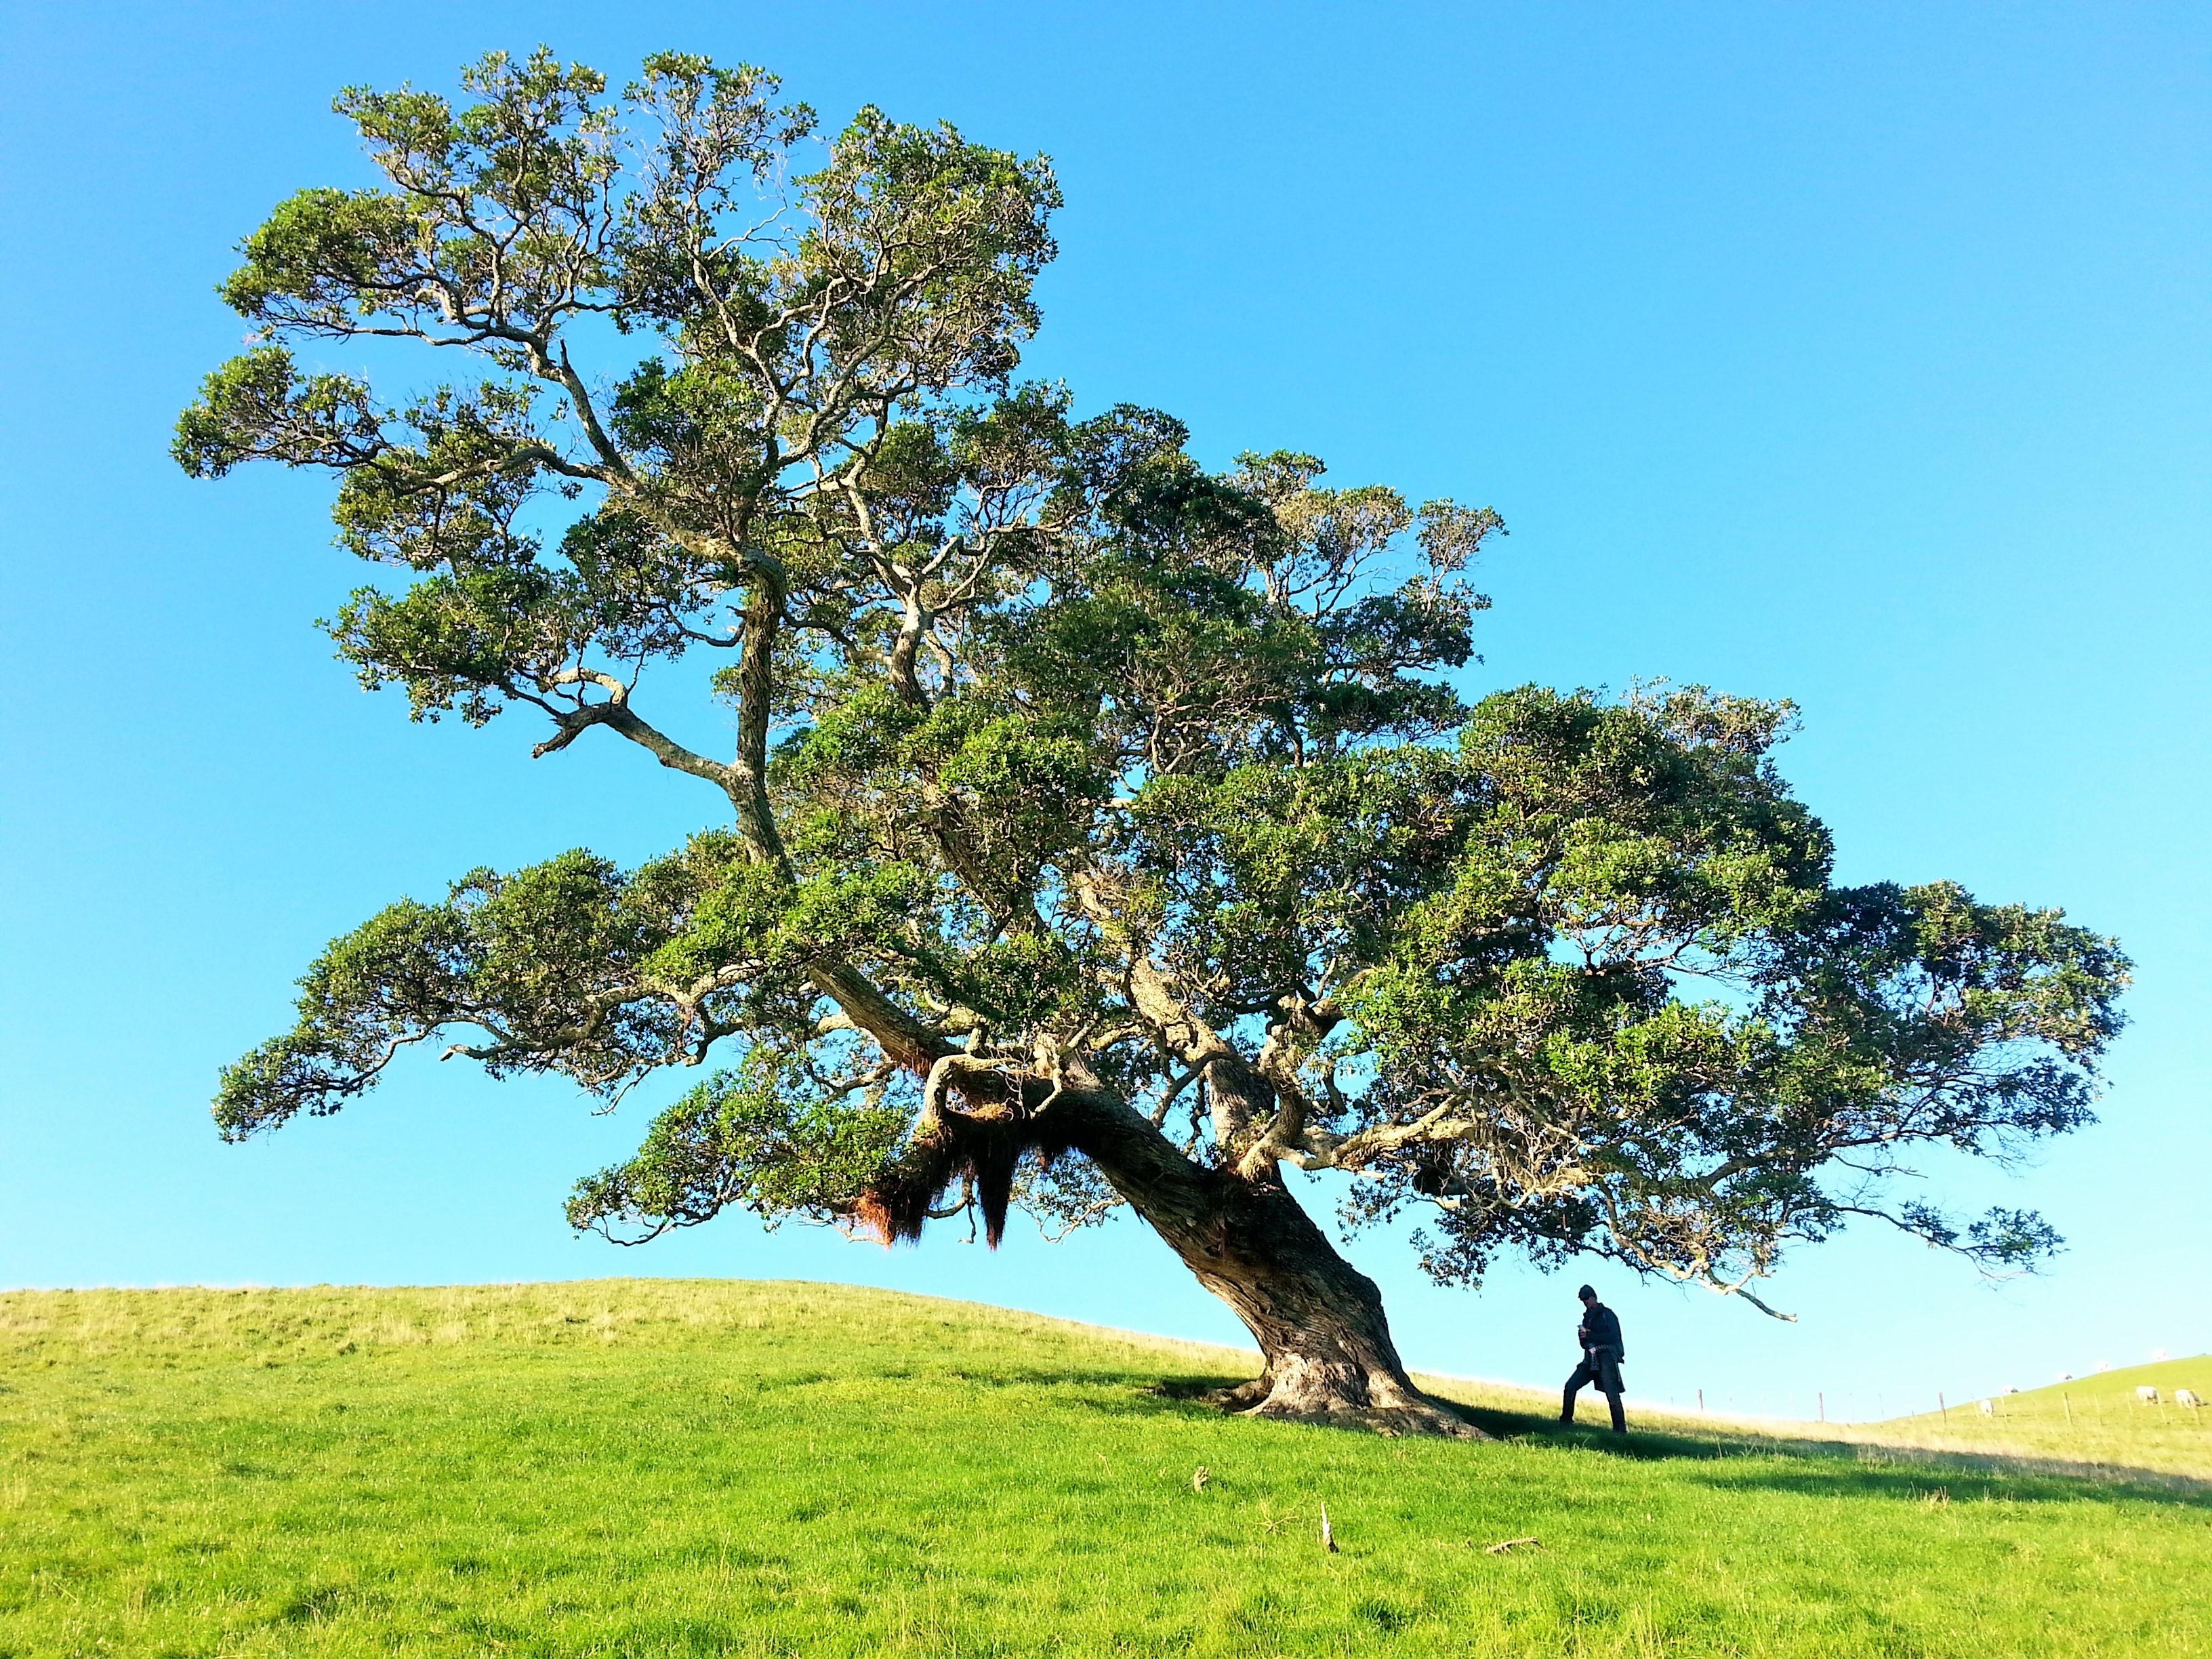 Un arbre pour transformer votre vie